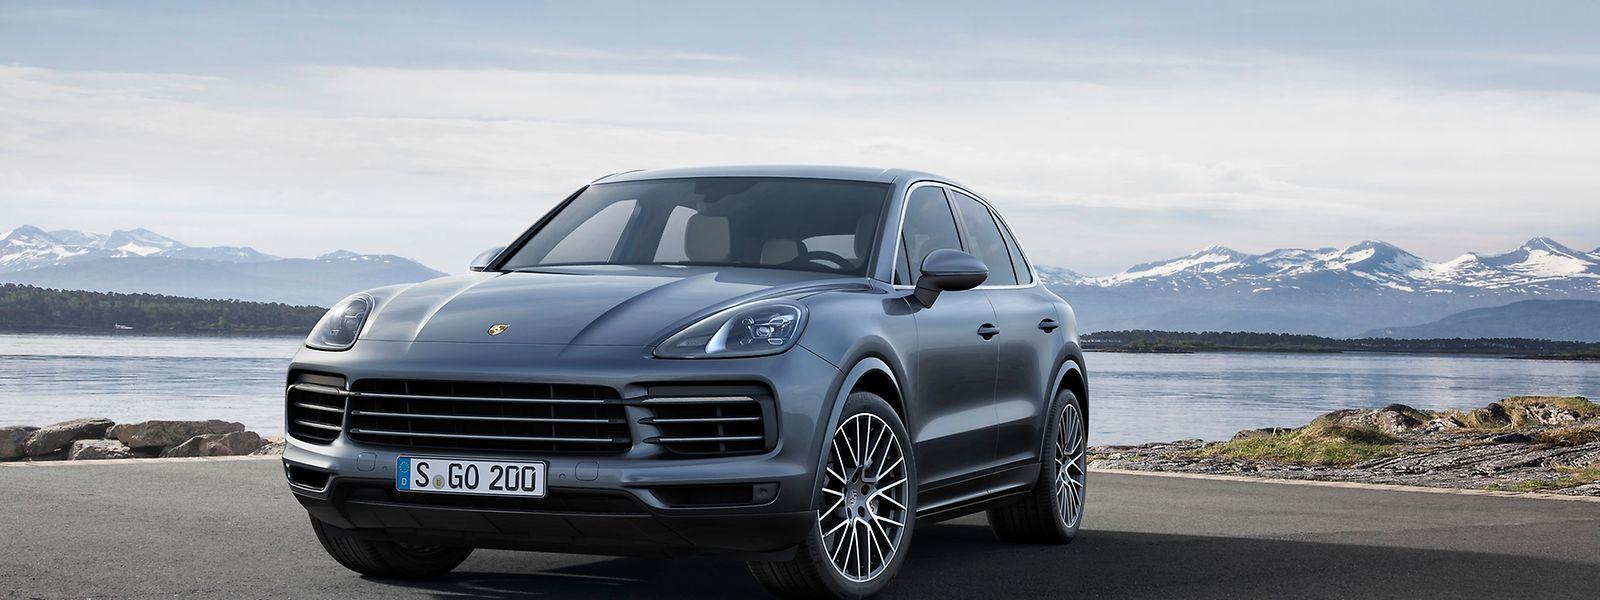 Der neue Porsche Cayenne wird vorerst ausschließlich als Benziner angeboten. Ob es später einen Diesel geben wird, steht noch in den Sternen.